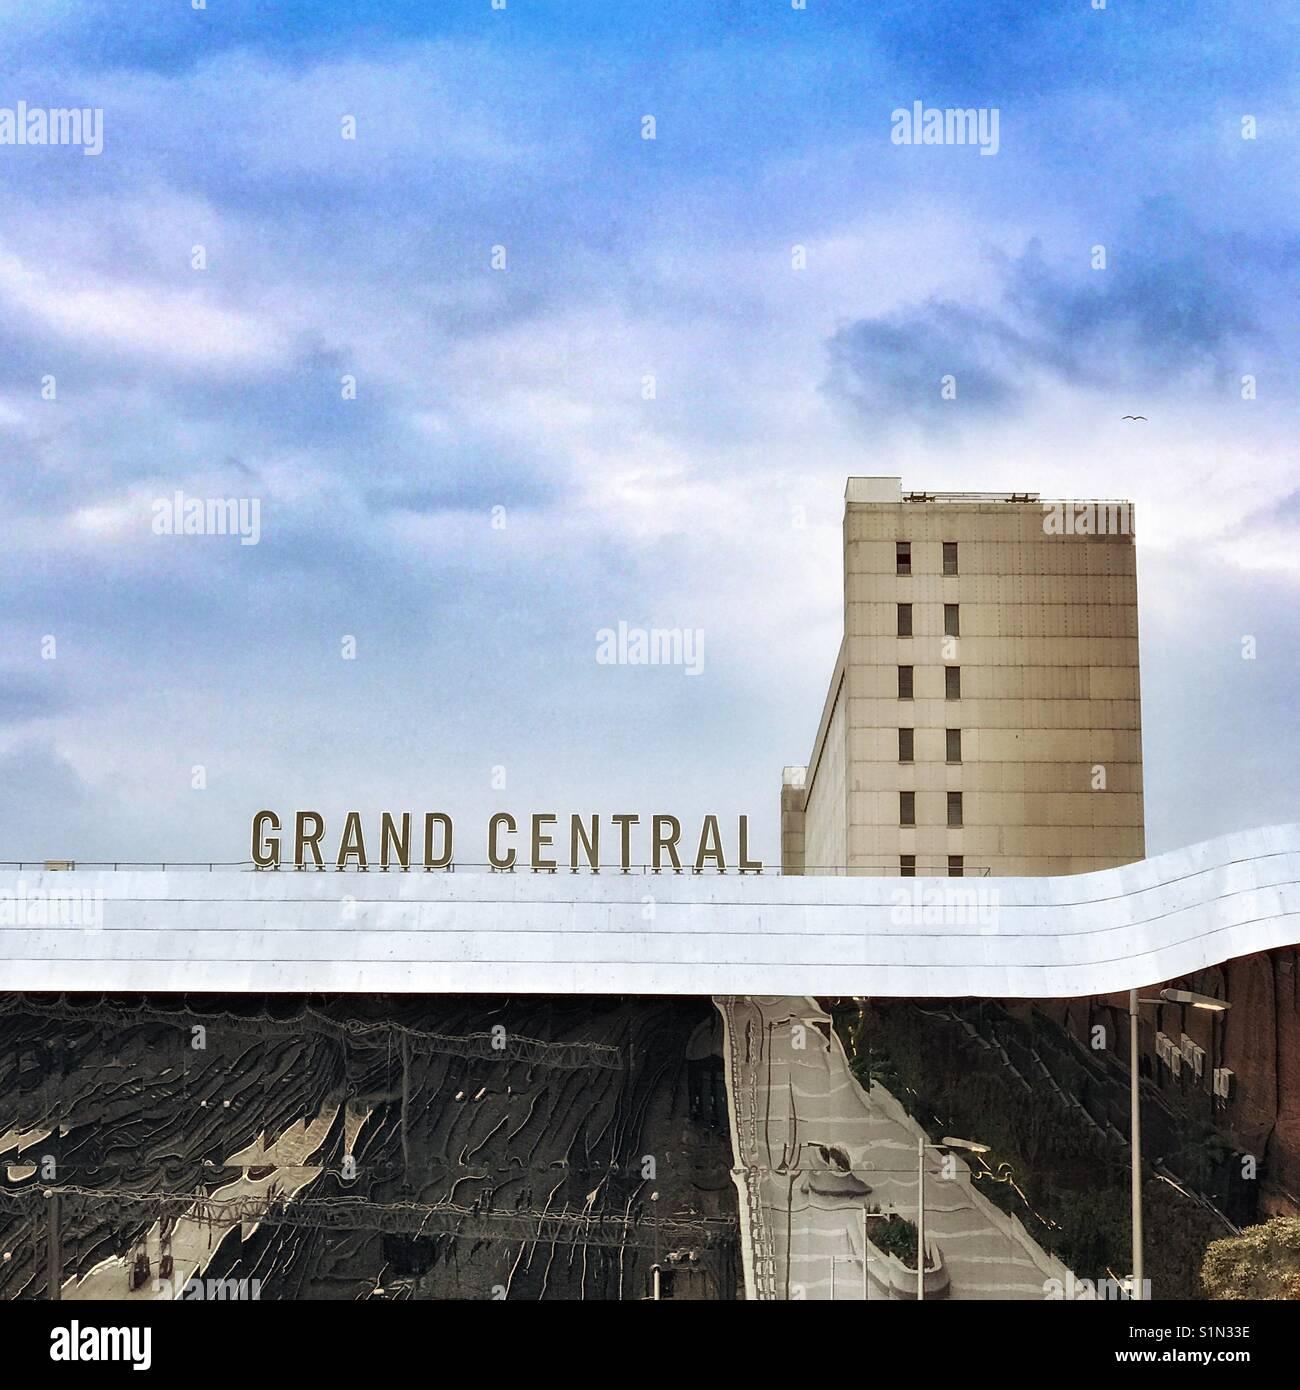 Grand Central Bahnhof früher als Bahnhof New Street, Birmingham, UK Stockbild